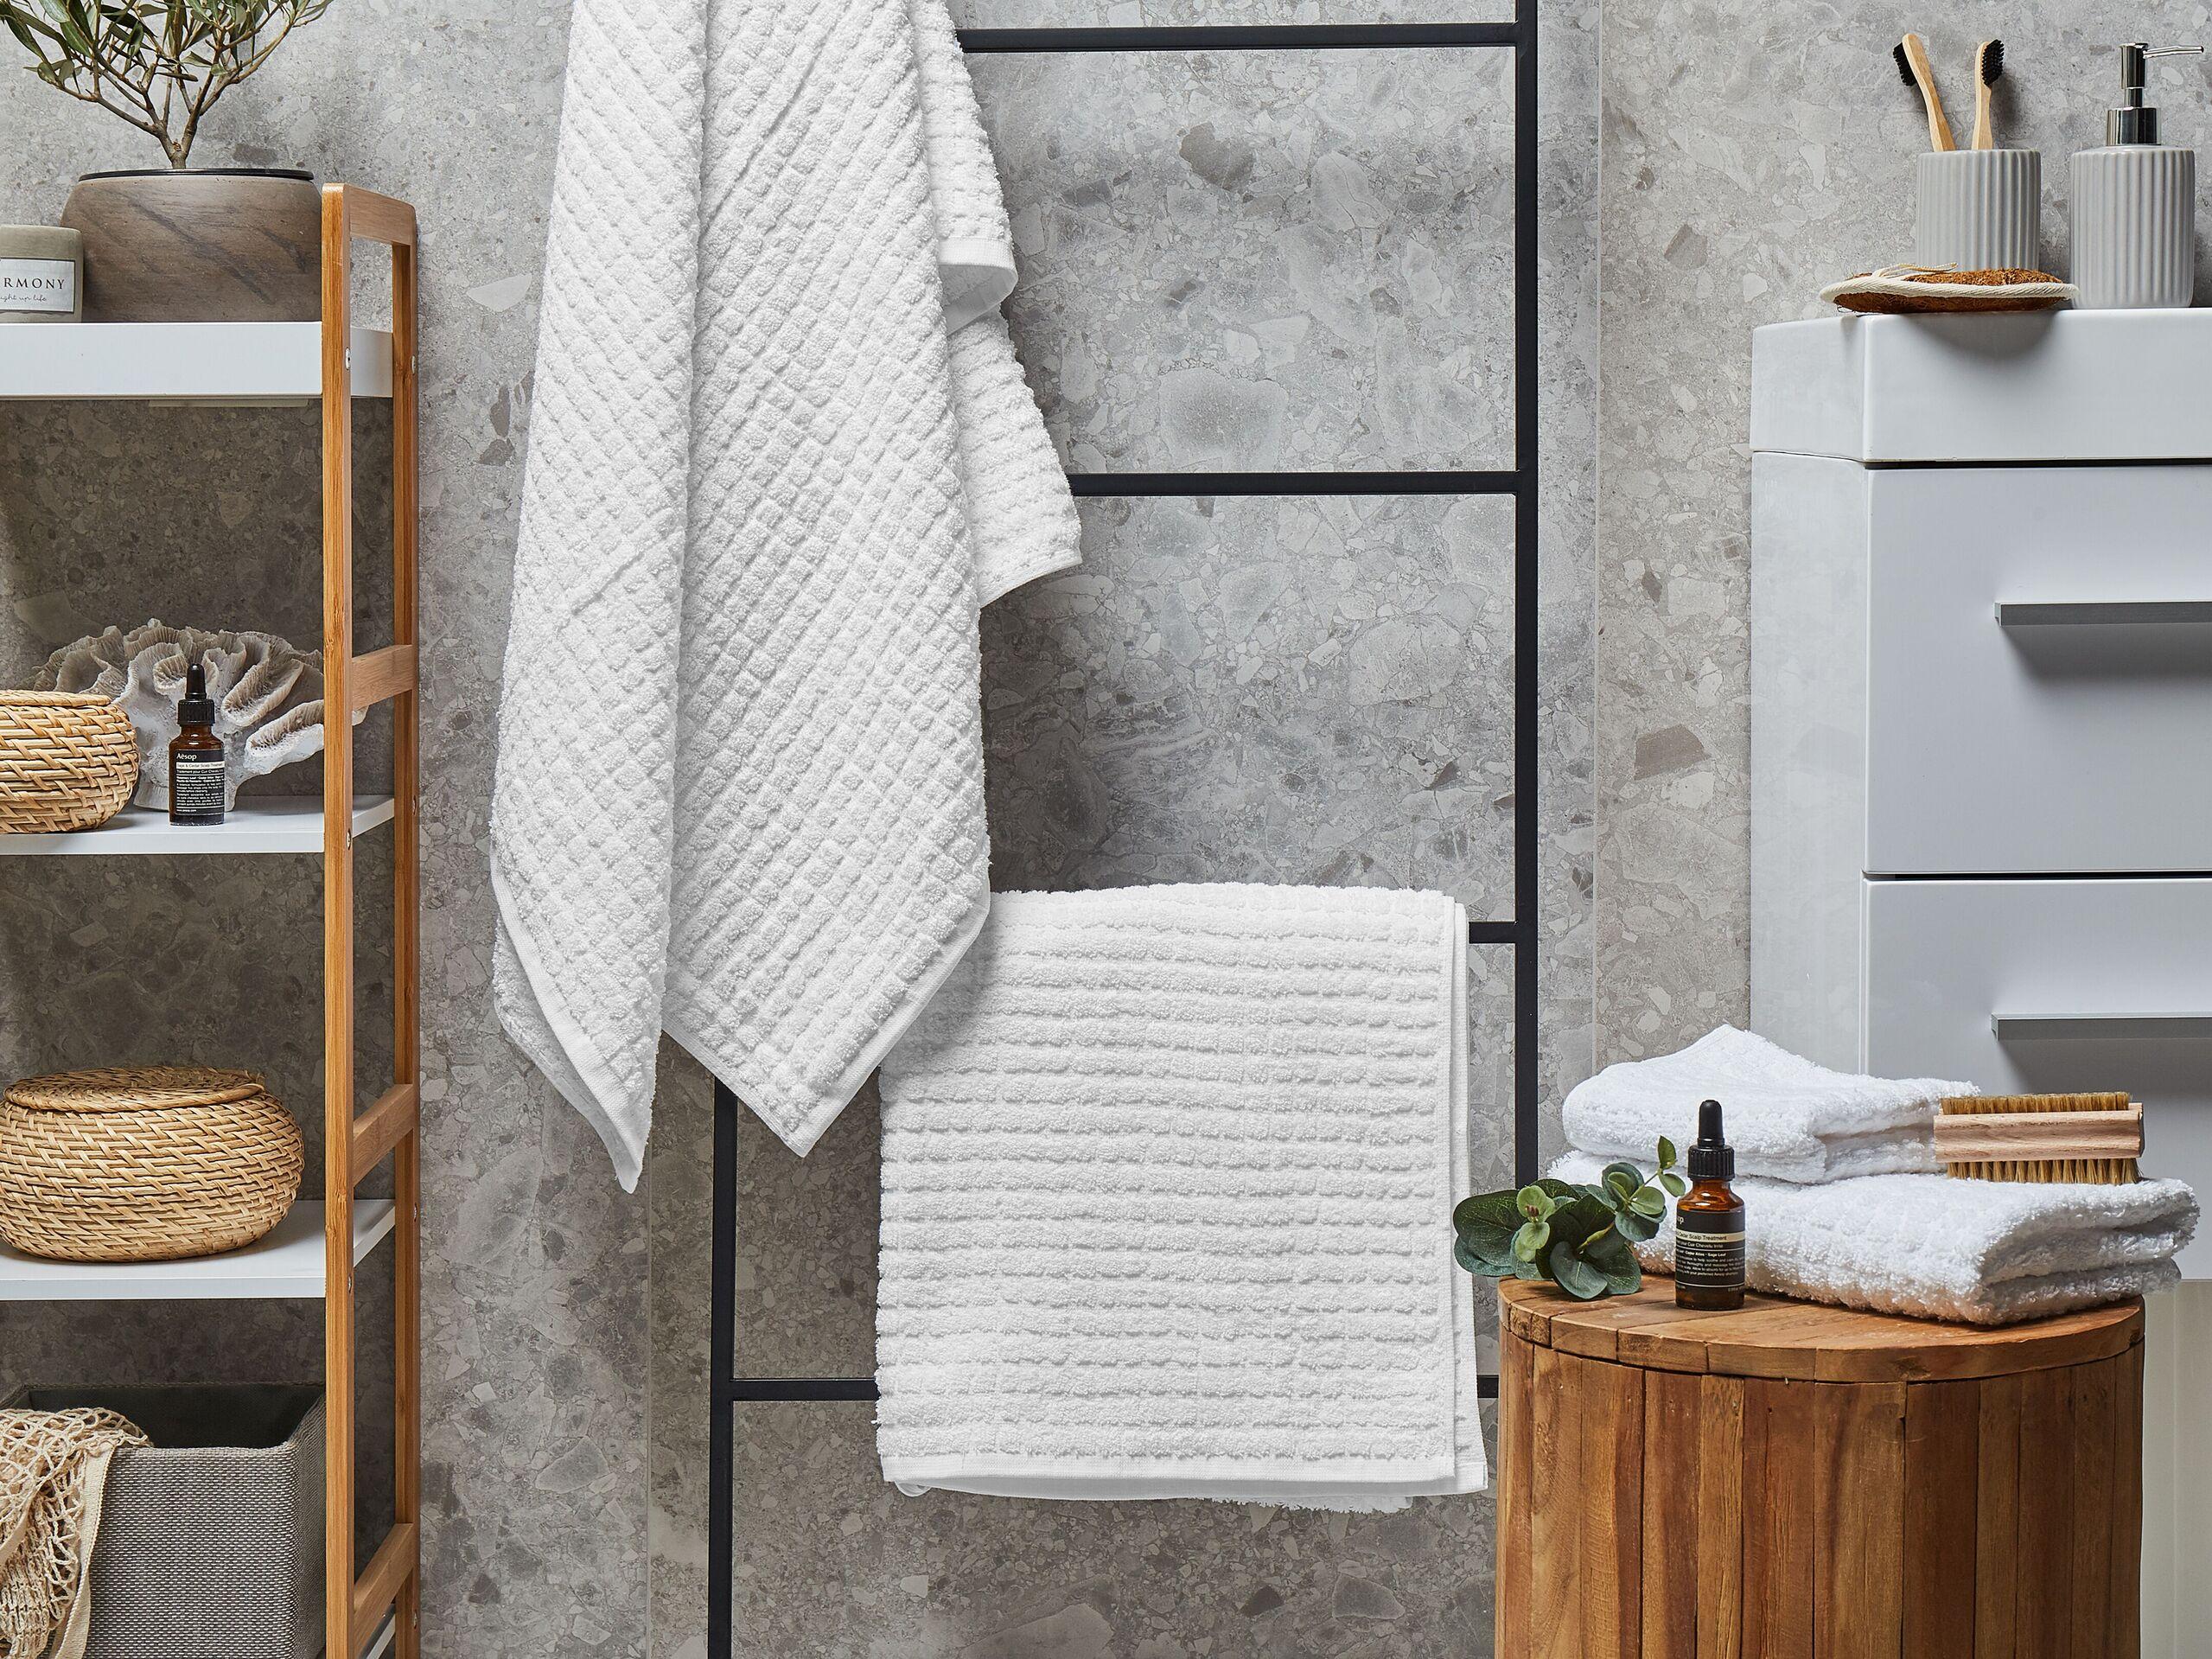 beliani set di 4 asciugamani bianco da bagno in morbido cotone low twist accessori bagno